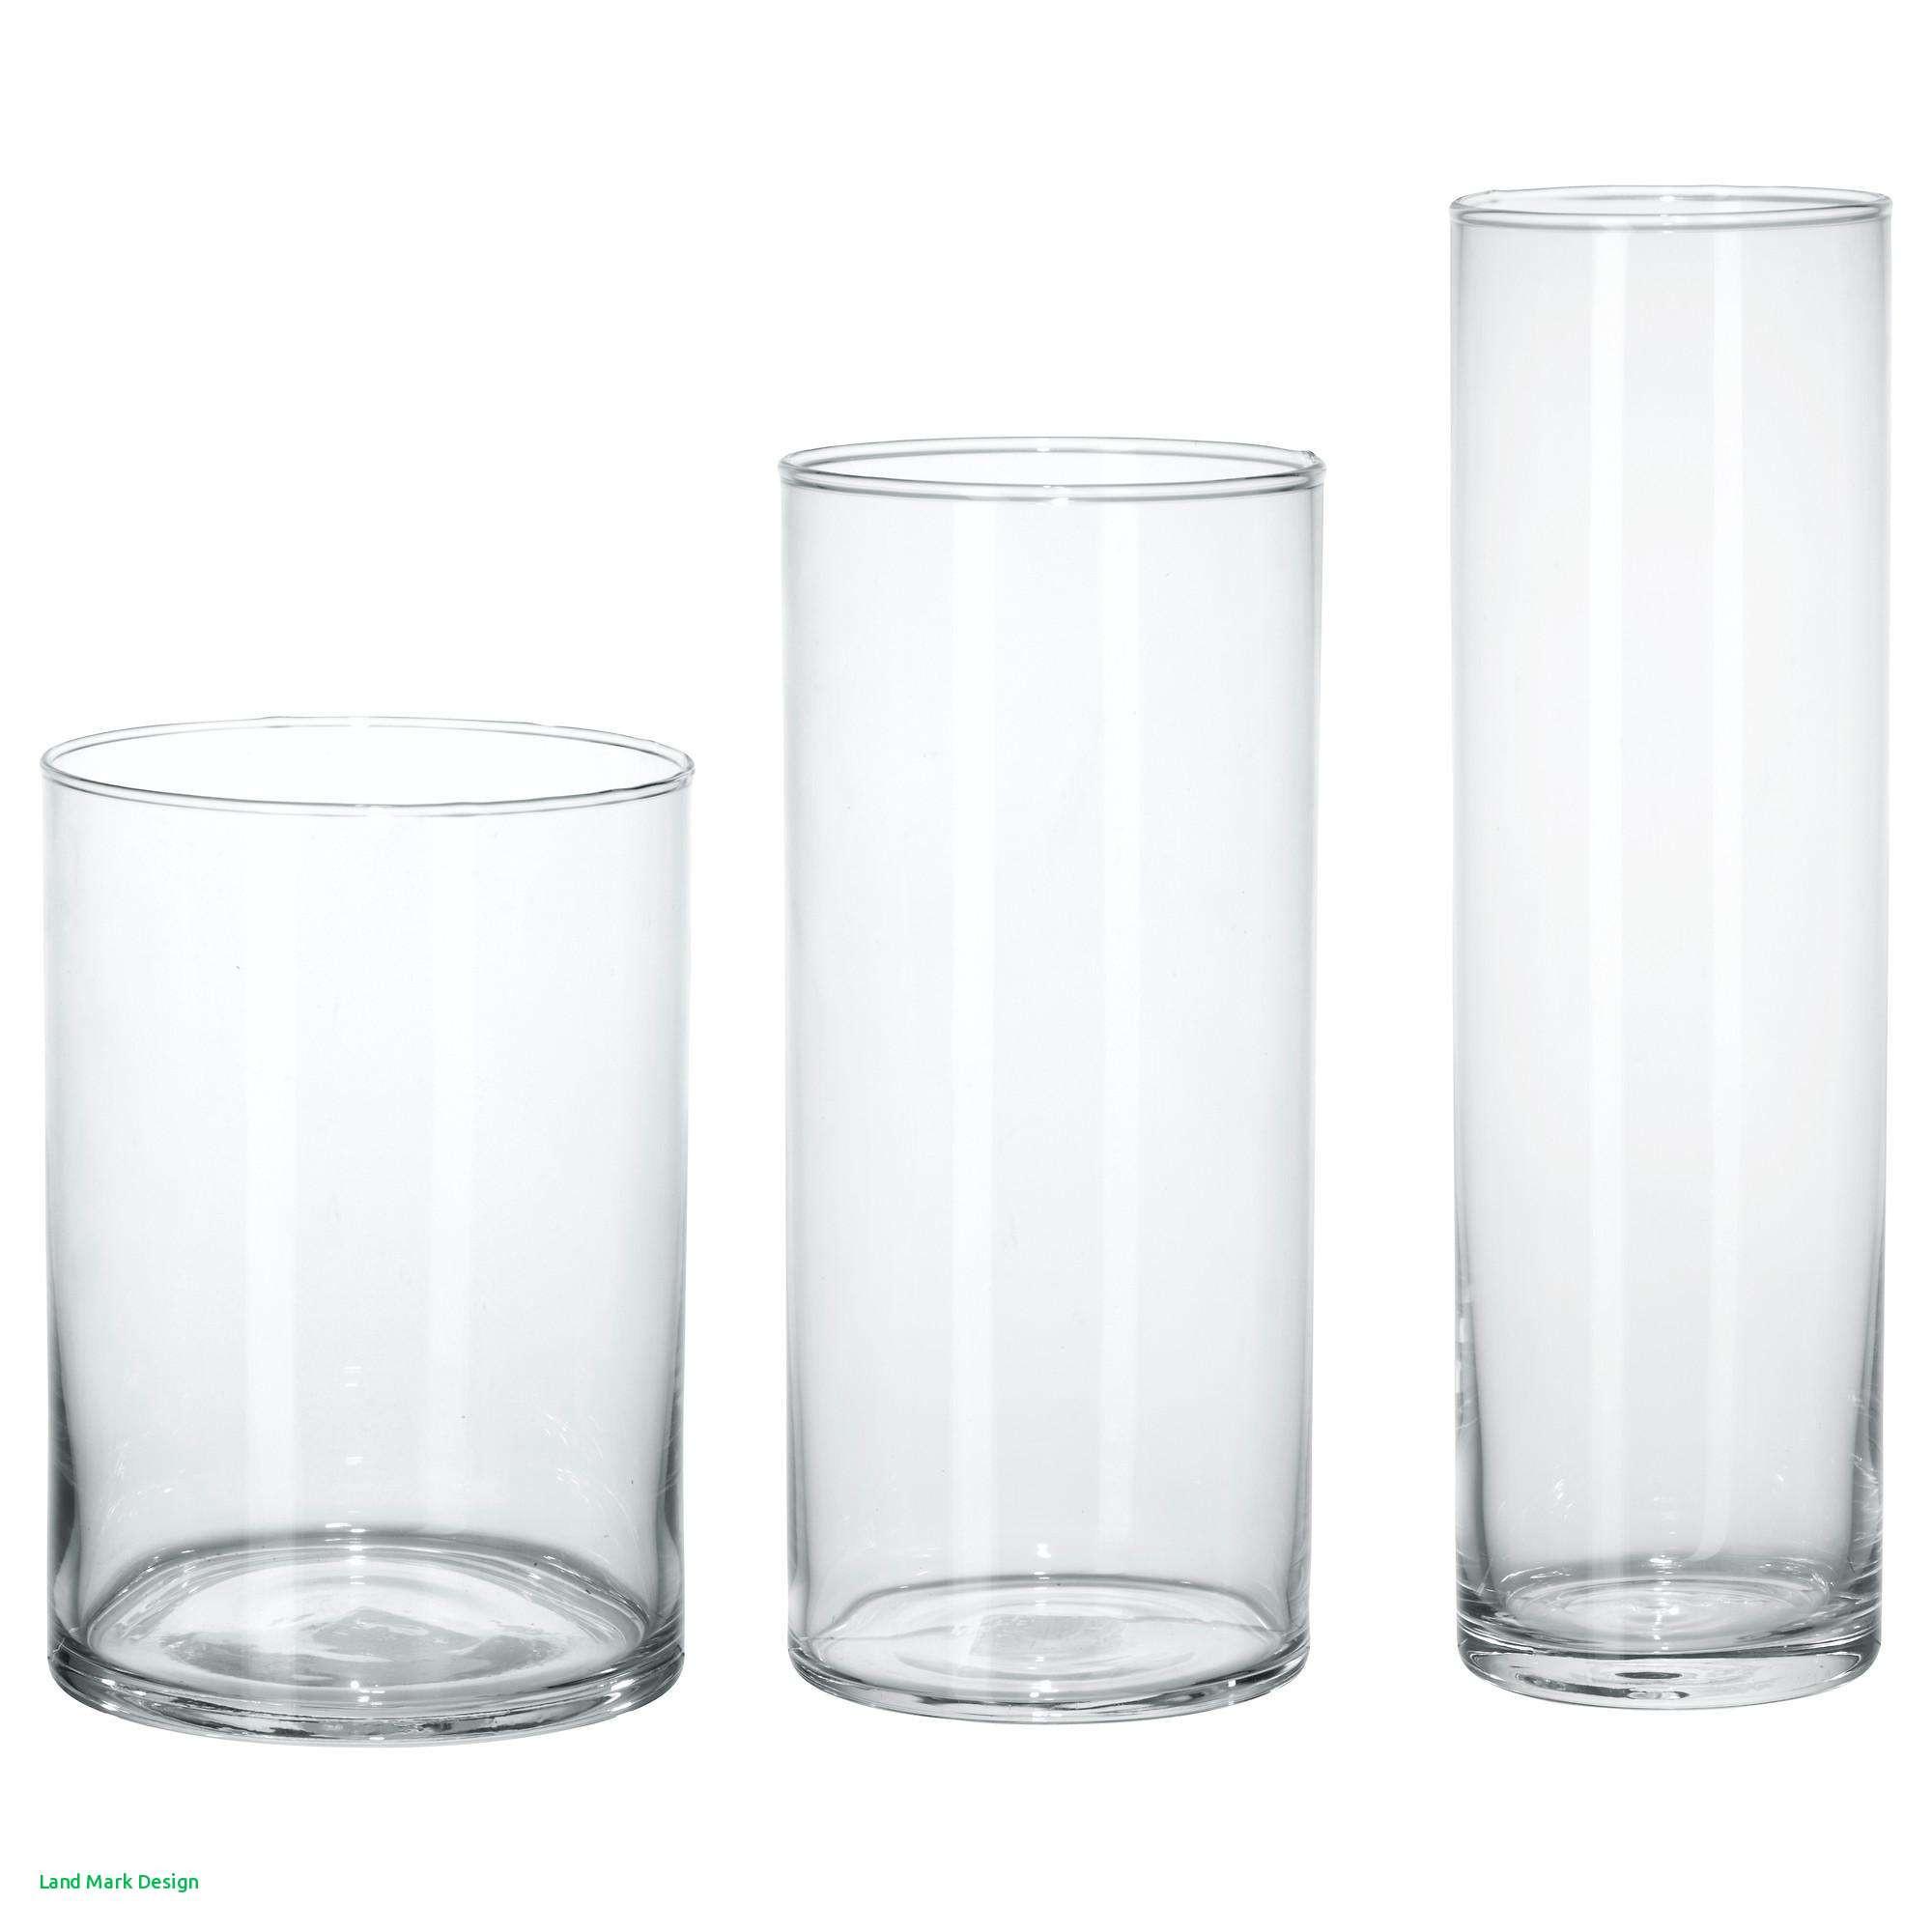 Gl Bowl Vases Wholesale on bowl planters wholesale, michael's glass bubble bowl wholesale, fish bowls wholesale,